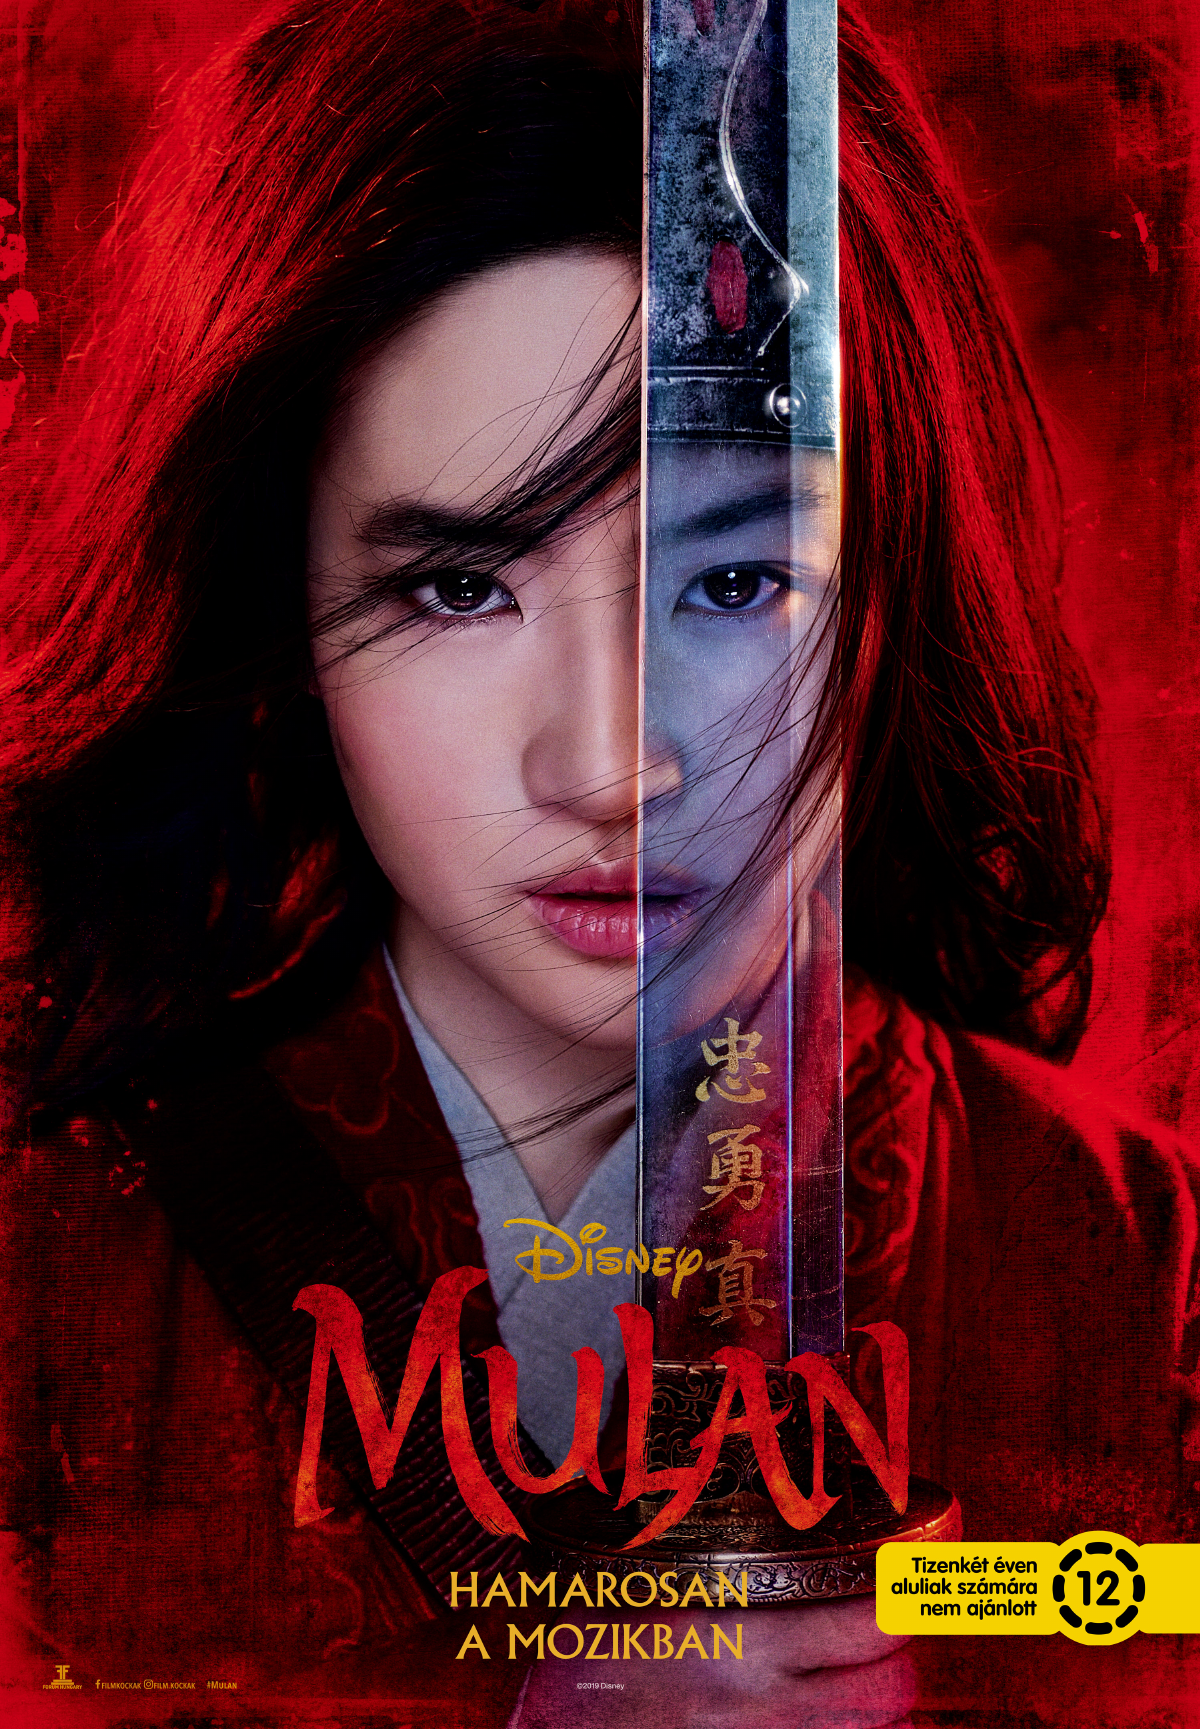 mulan_2020_hun_p1.png